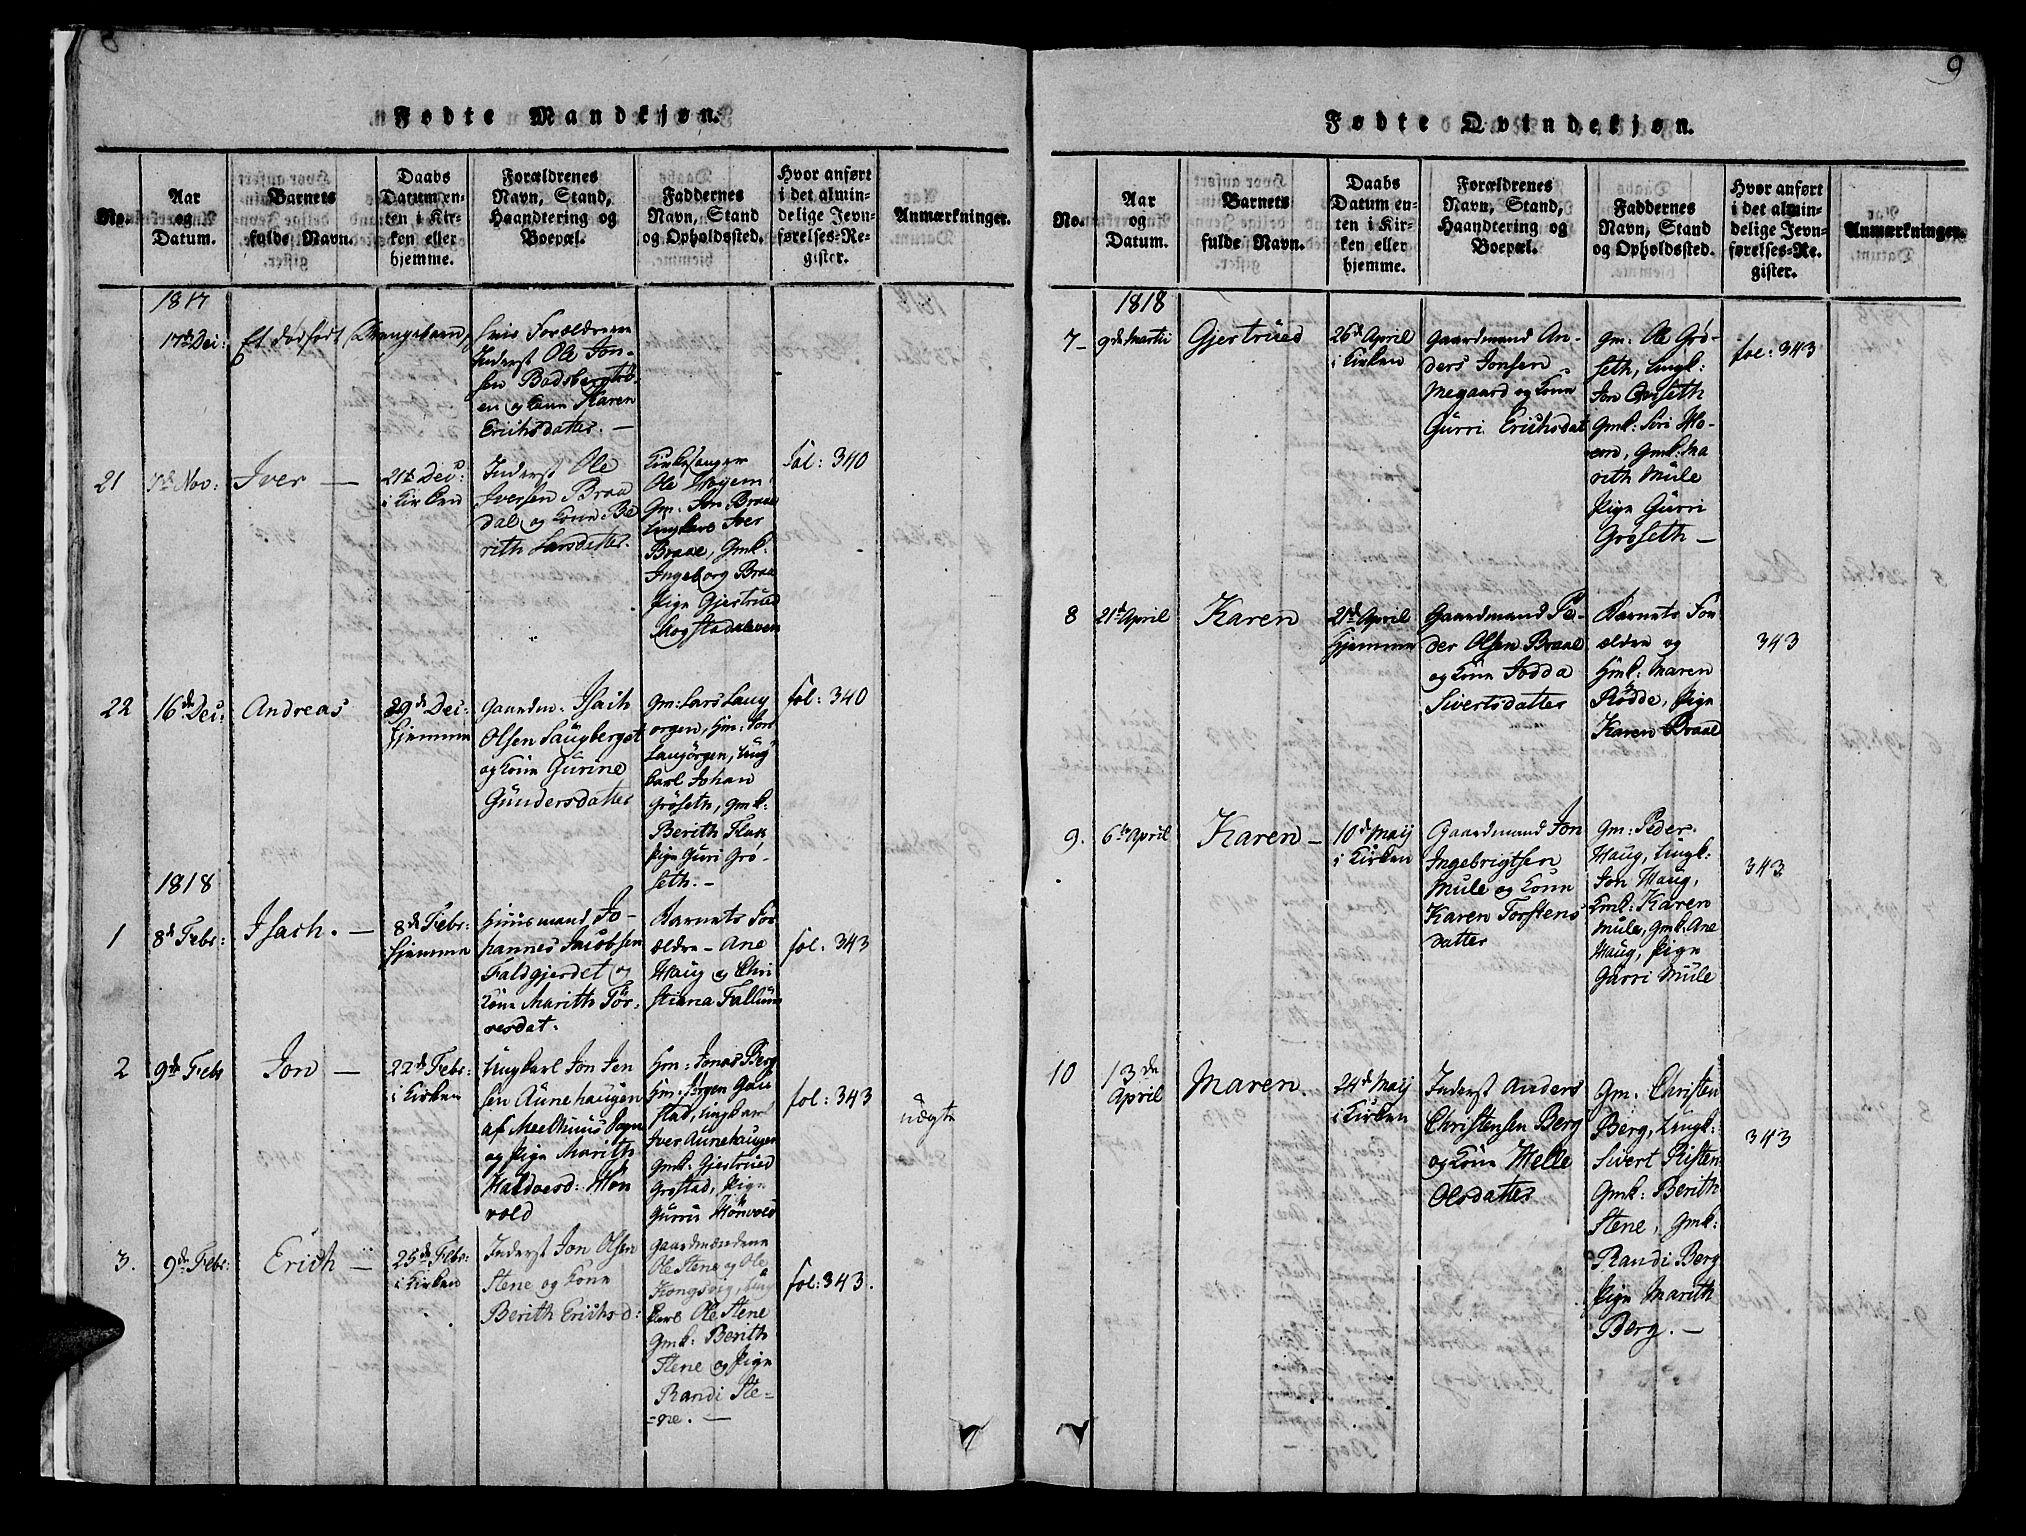 SAT, Ministerialprotokoller, klokkerbøker og fødselsregistre - Sør-Trøndelag, 612/L0372: Ministerialbok nr. 612A06 /1, 1816-1828, s. 9